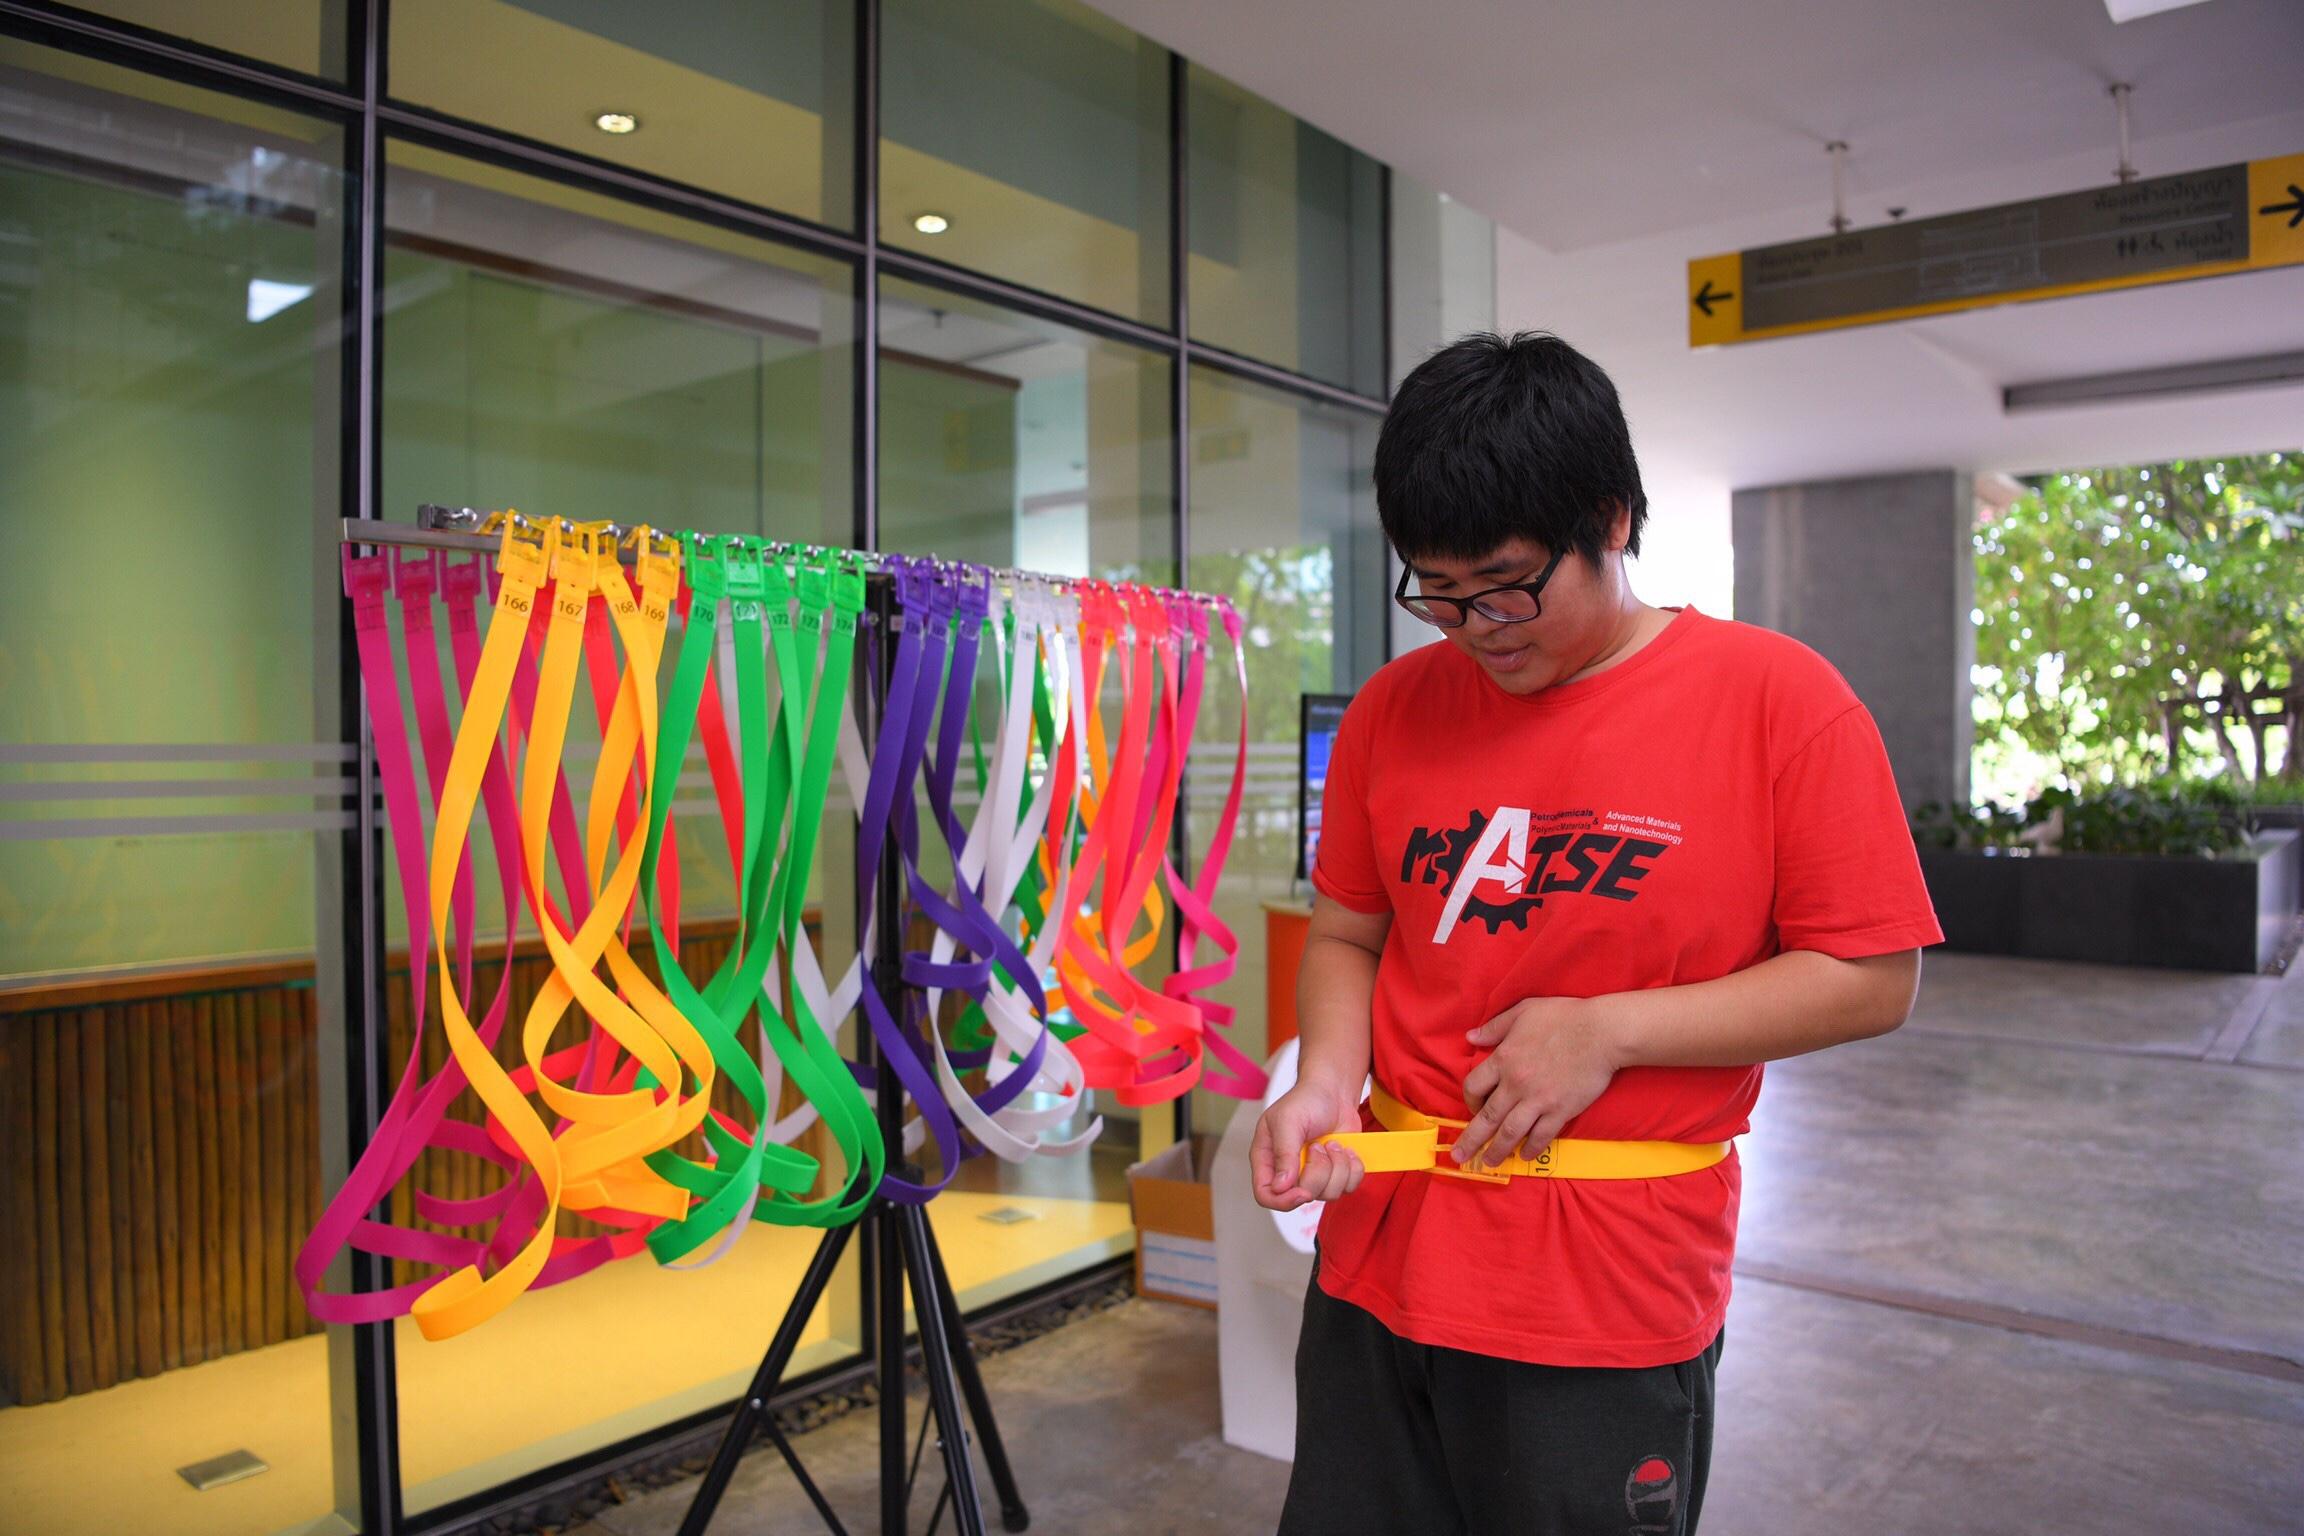 """สสส.ปลุกคนไทยลดพุงลดโรคผ่าน """"ภารกิจ ท้า คุณ เปลี่ยน"""" thaihealth"""